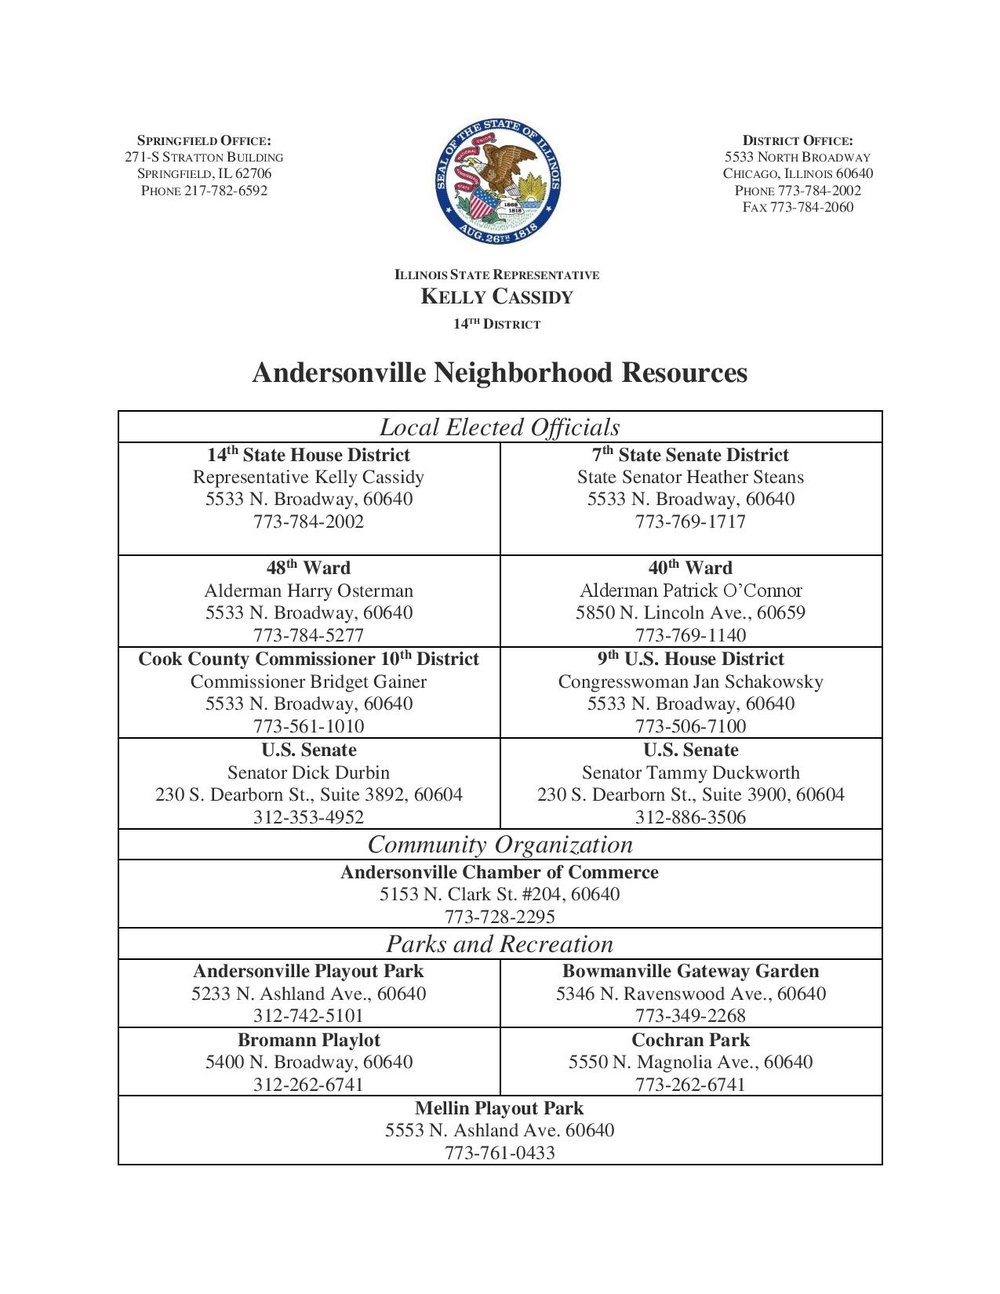 Andersonville Neighborhood Resources page 1.jpg